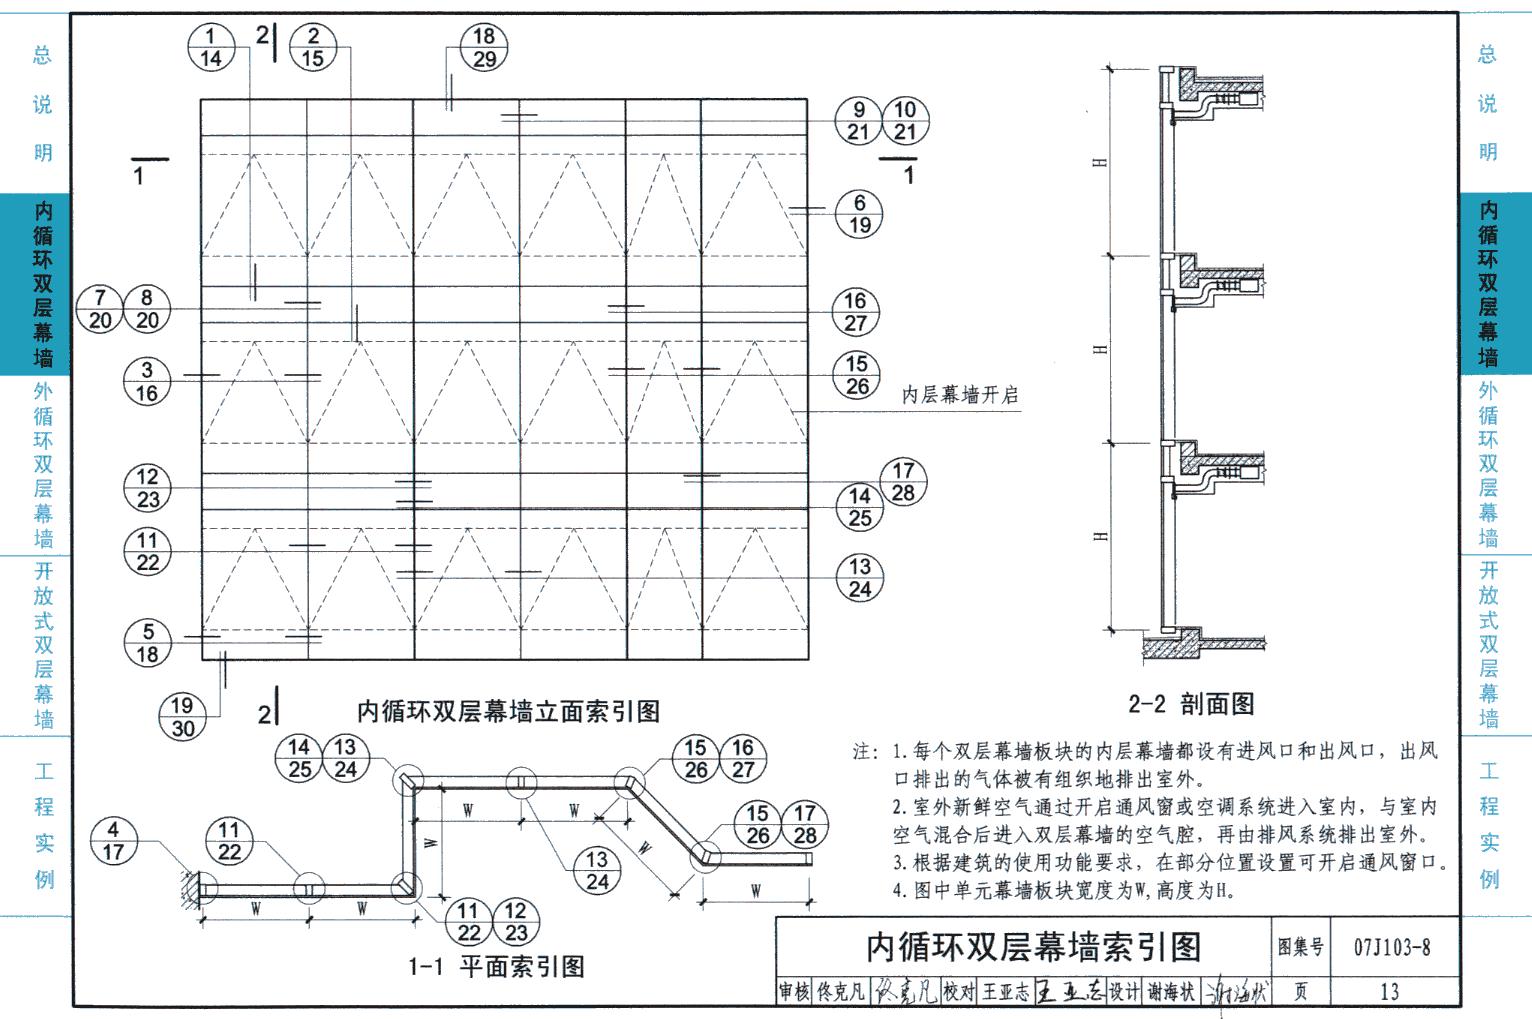 07J103-8:机械双层-标准建筑幕墙设计网做国家设计的看什么书好图片